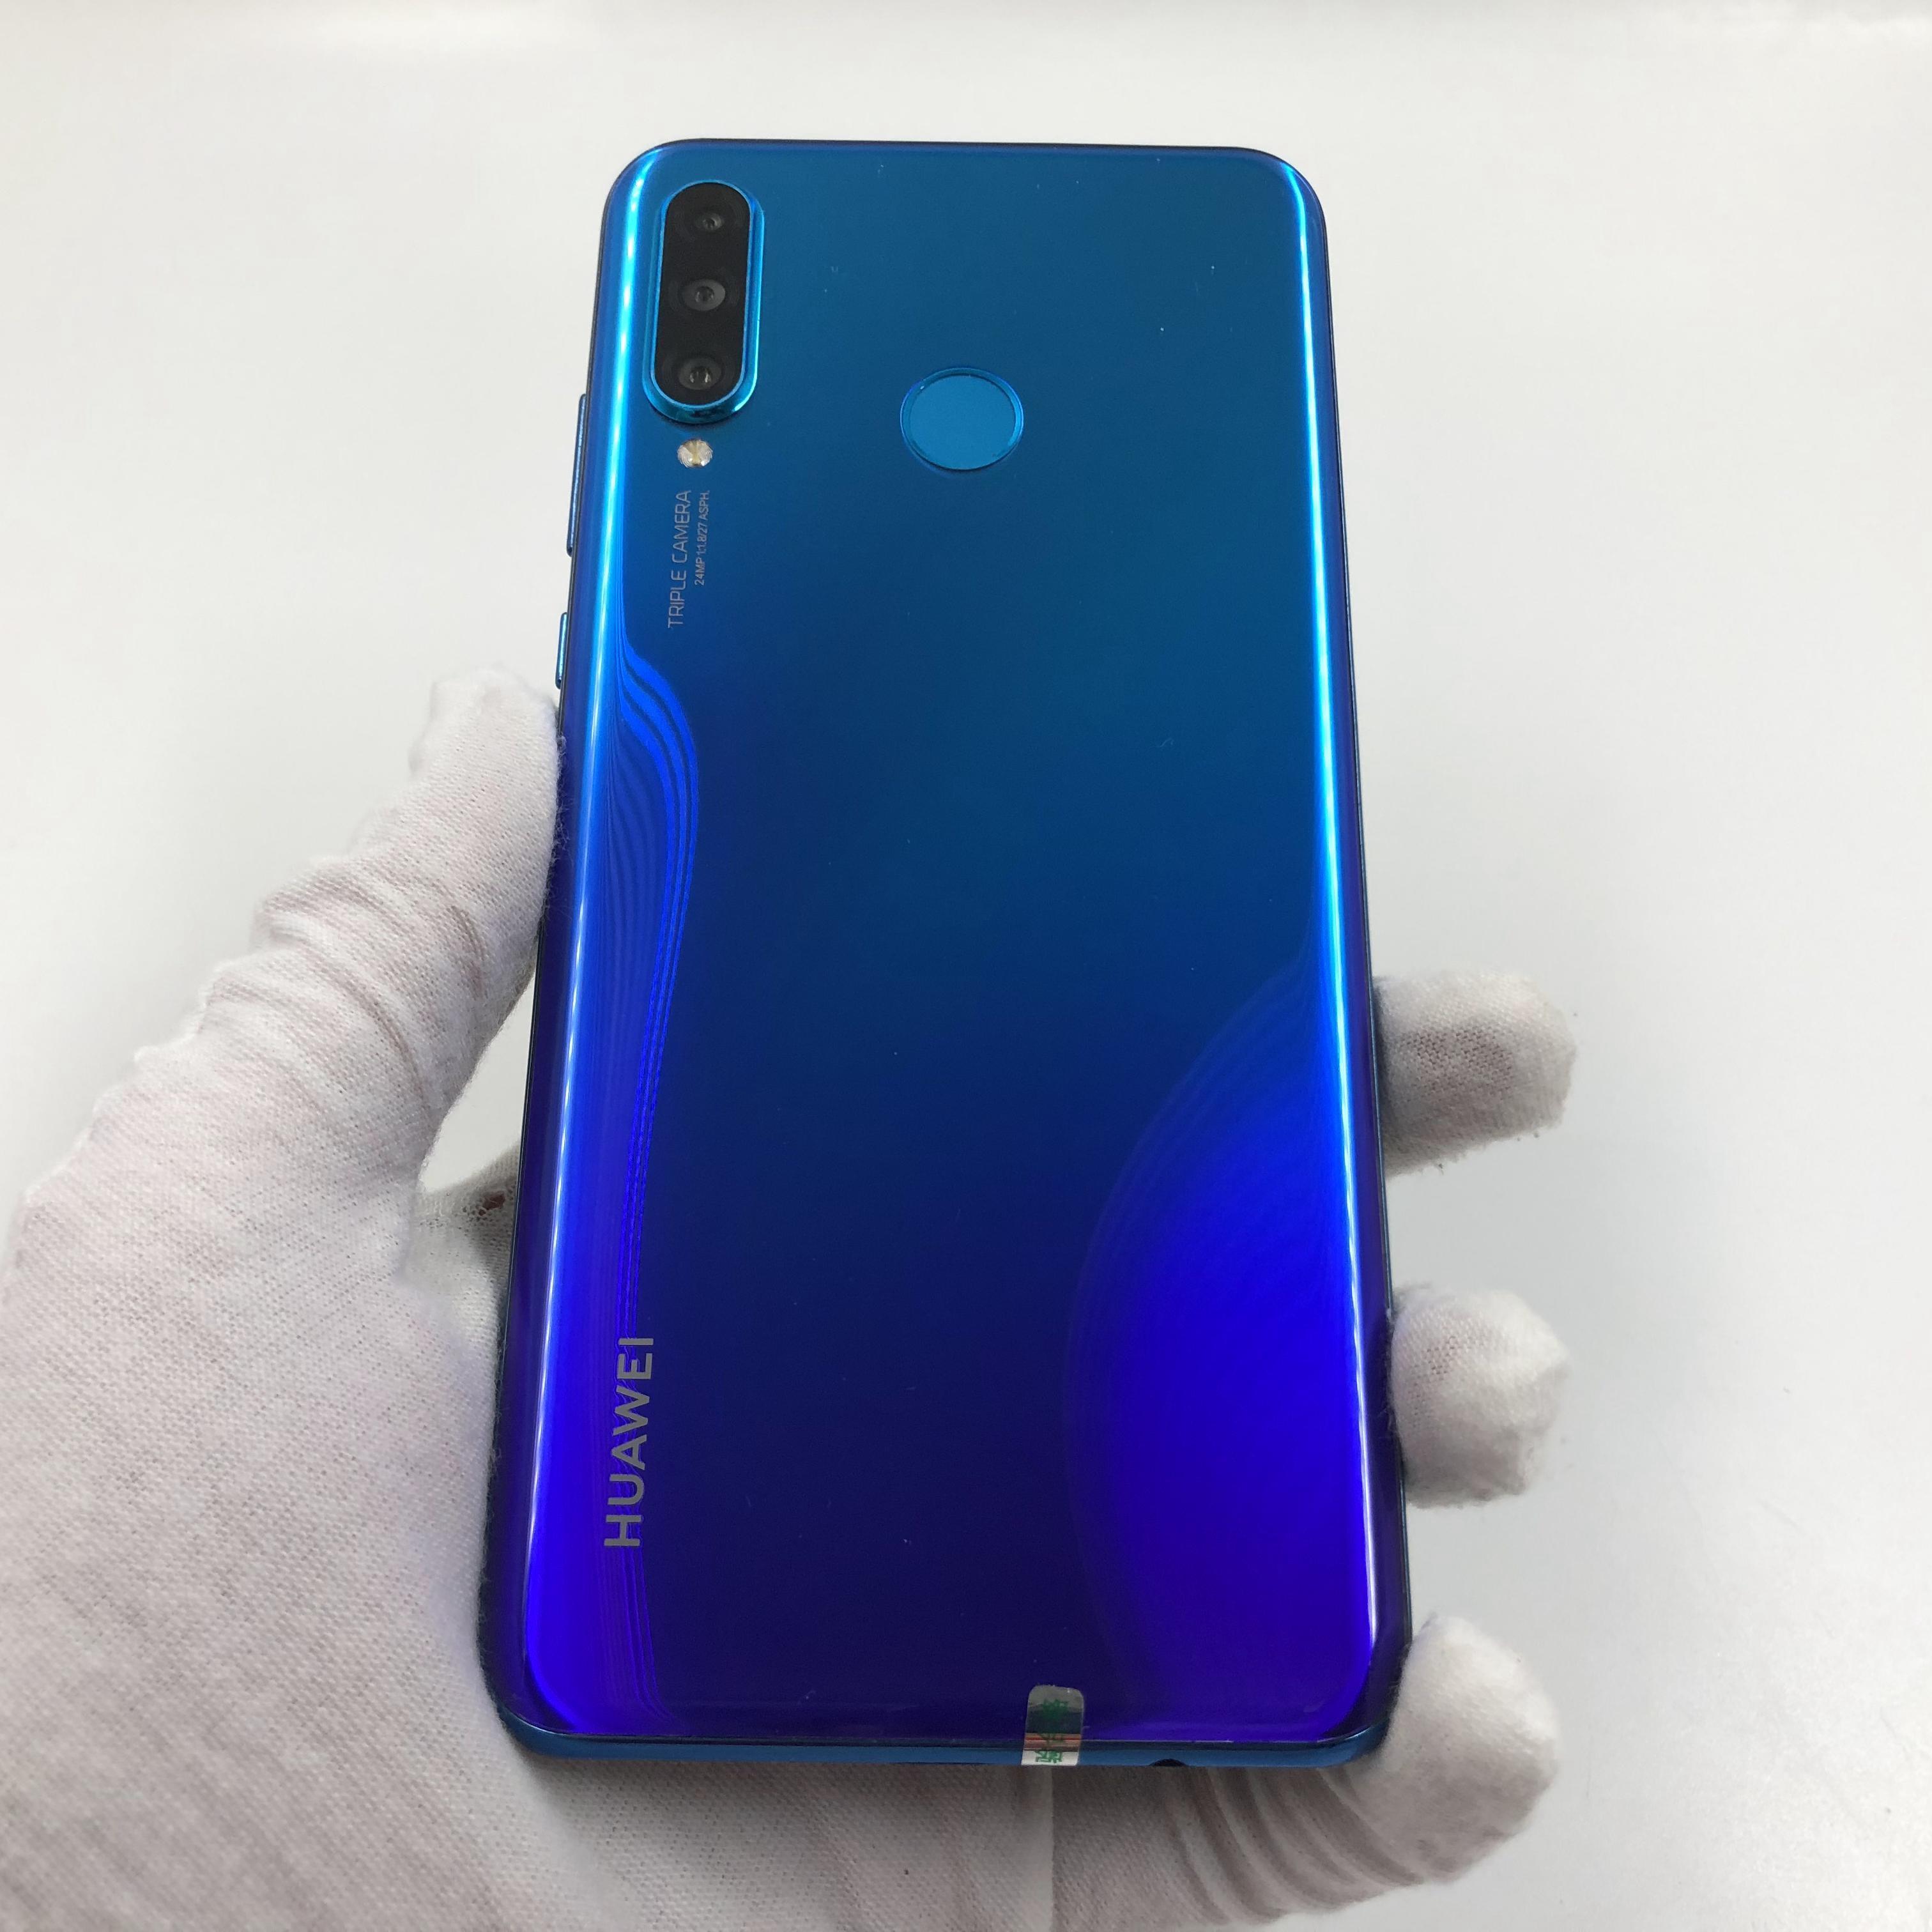 华为【nova 4e】4G全网通 蓝色 6G/128G 国行 8成新 真机实拍